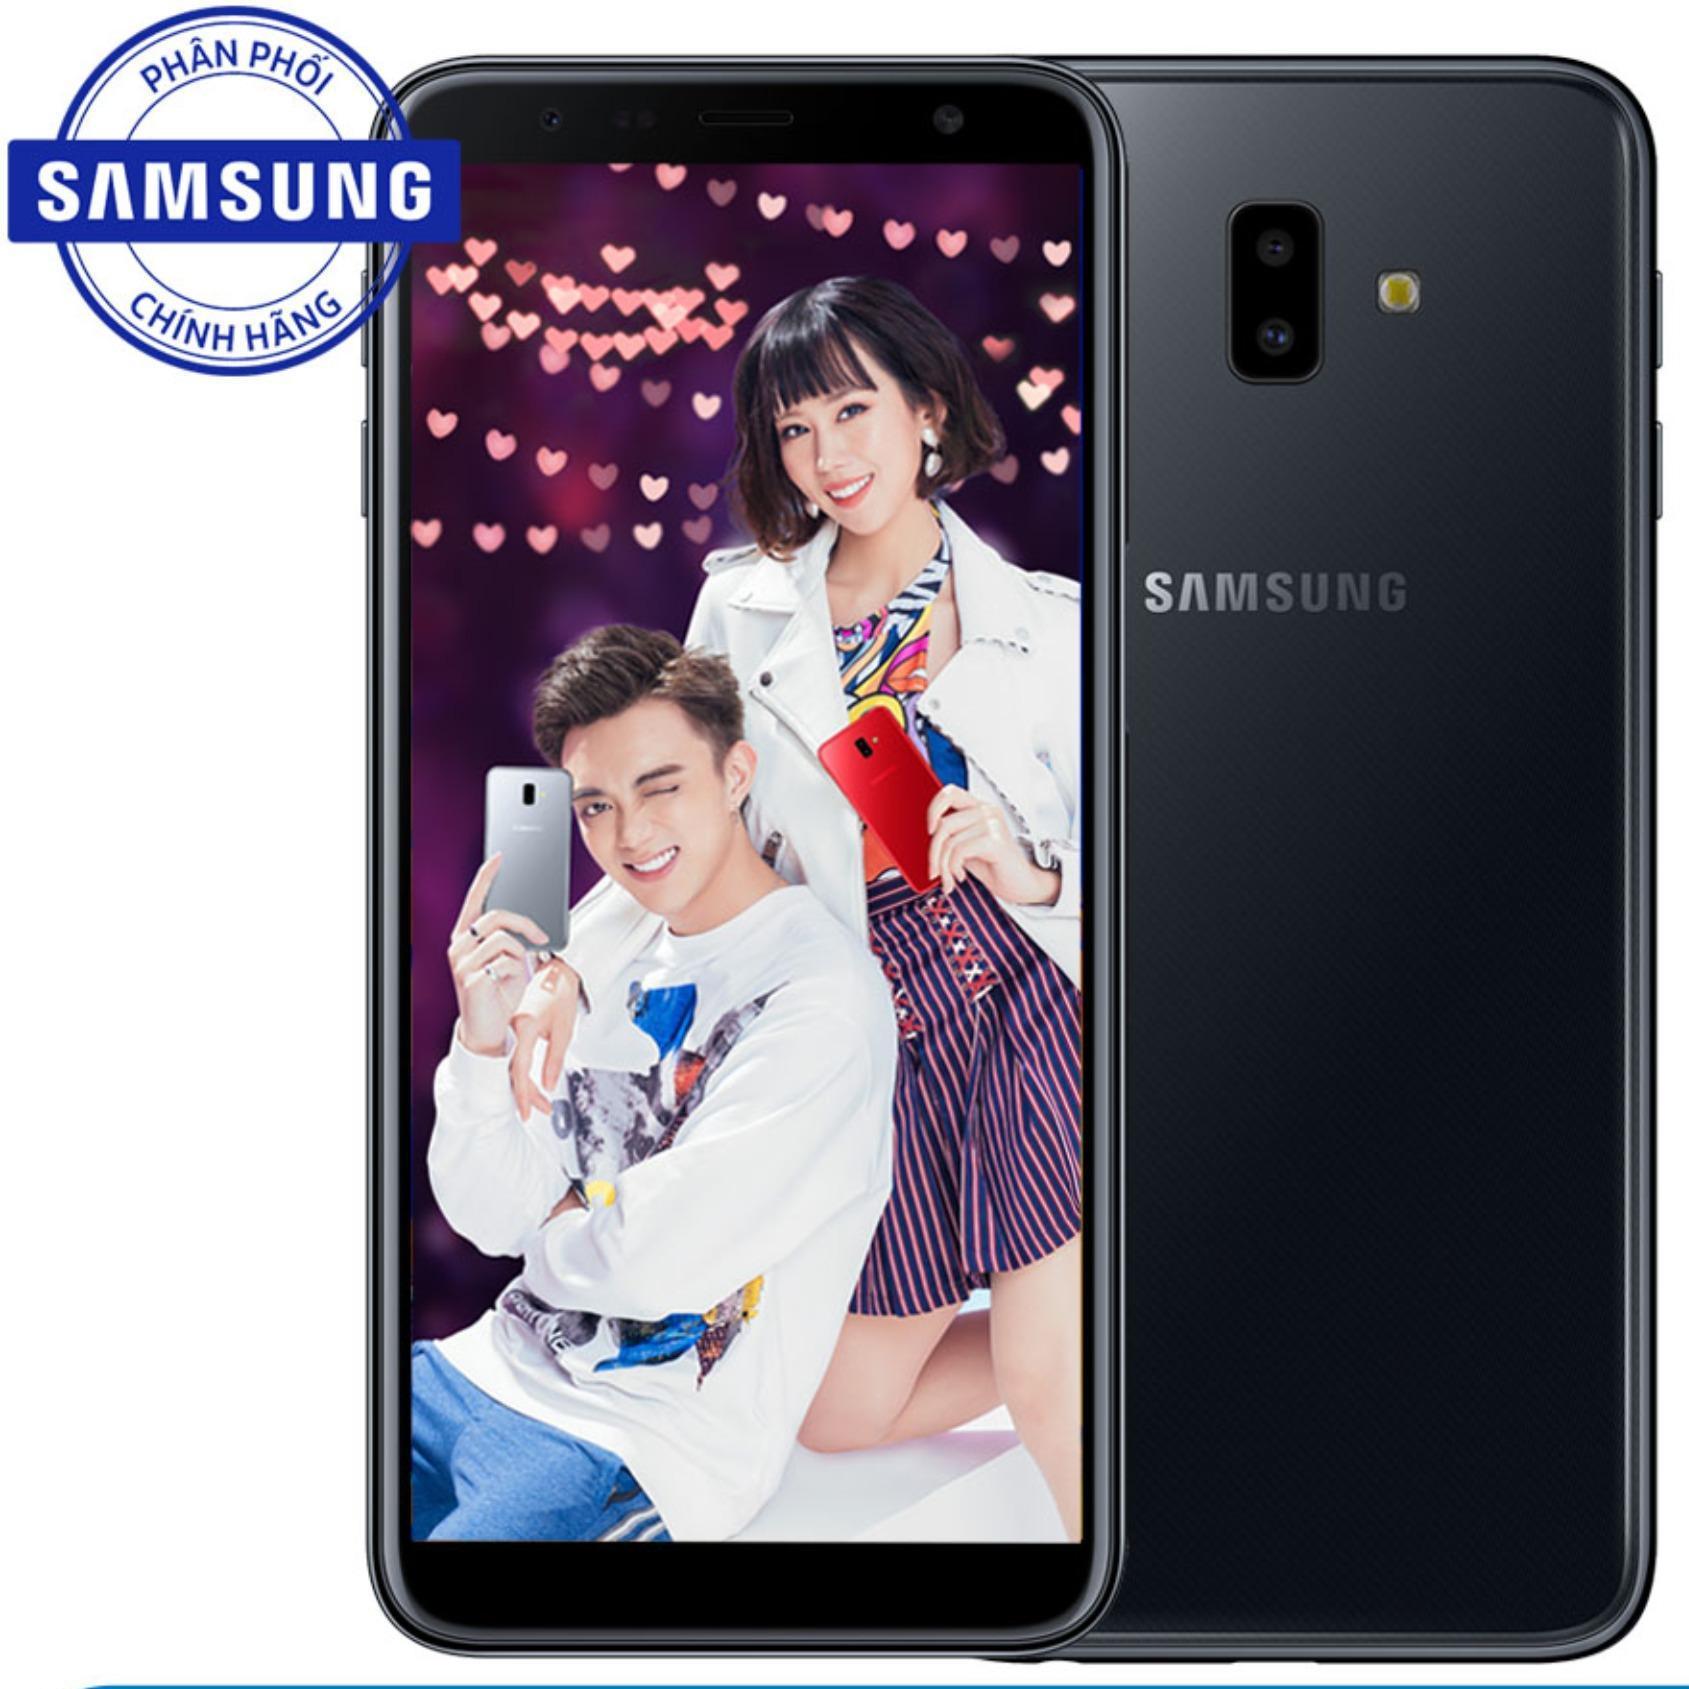 Đánh giá Samsung Galaxy J6+ 32GB – Hãng phân phối chính thức Tại Samsung